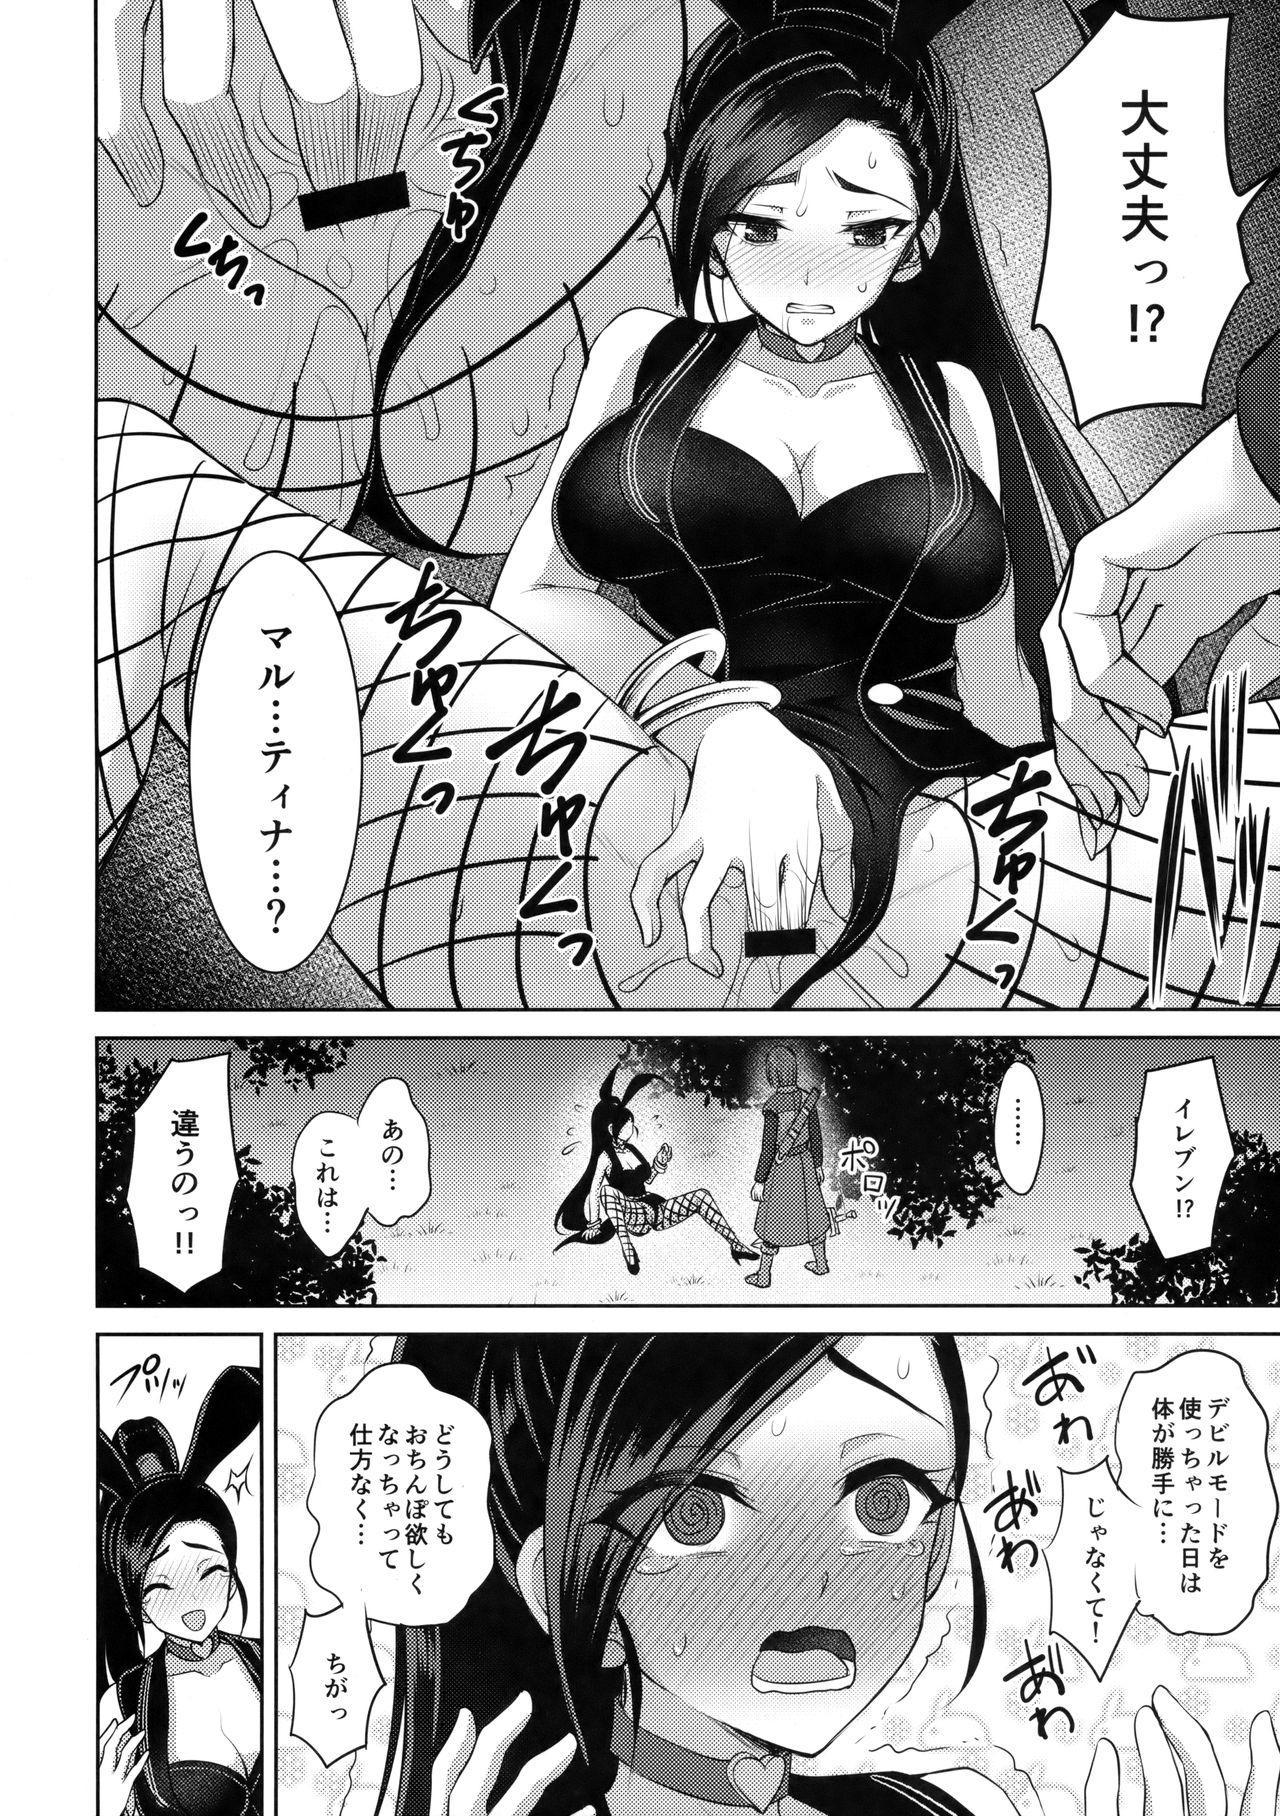 Martina-san wa Hatsujouki 2